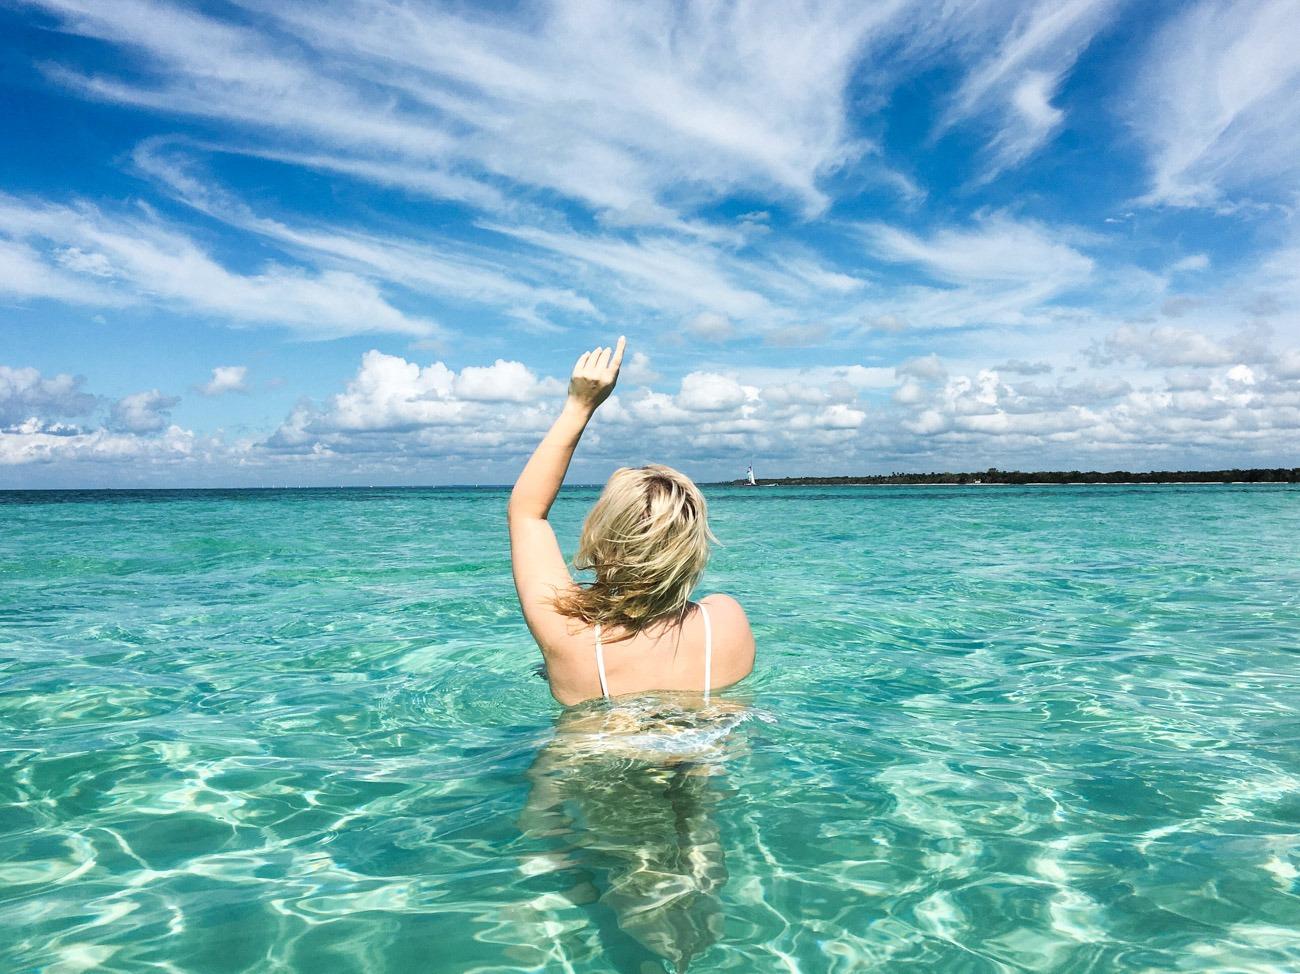 Türkisblaues, hüfthohes Wasser im Piscina Natural (Sandbank) vor der Küste der Isla Saona in der Dominikanischen Republik